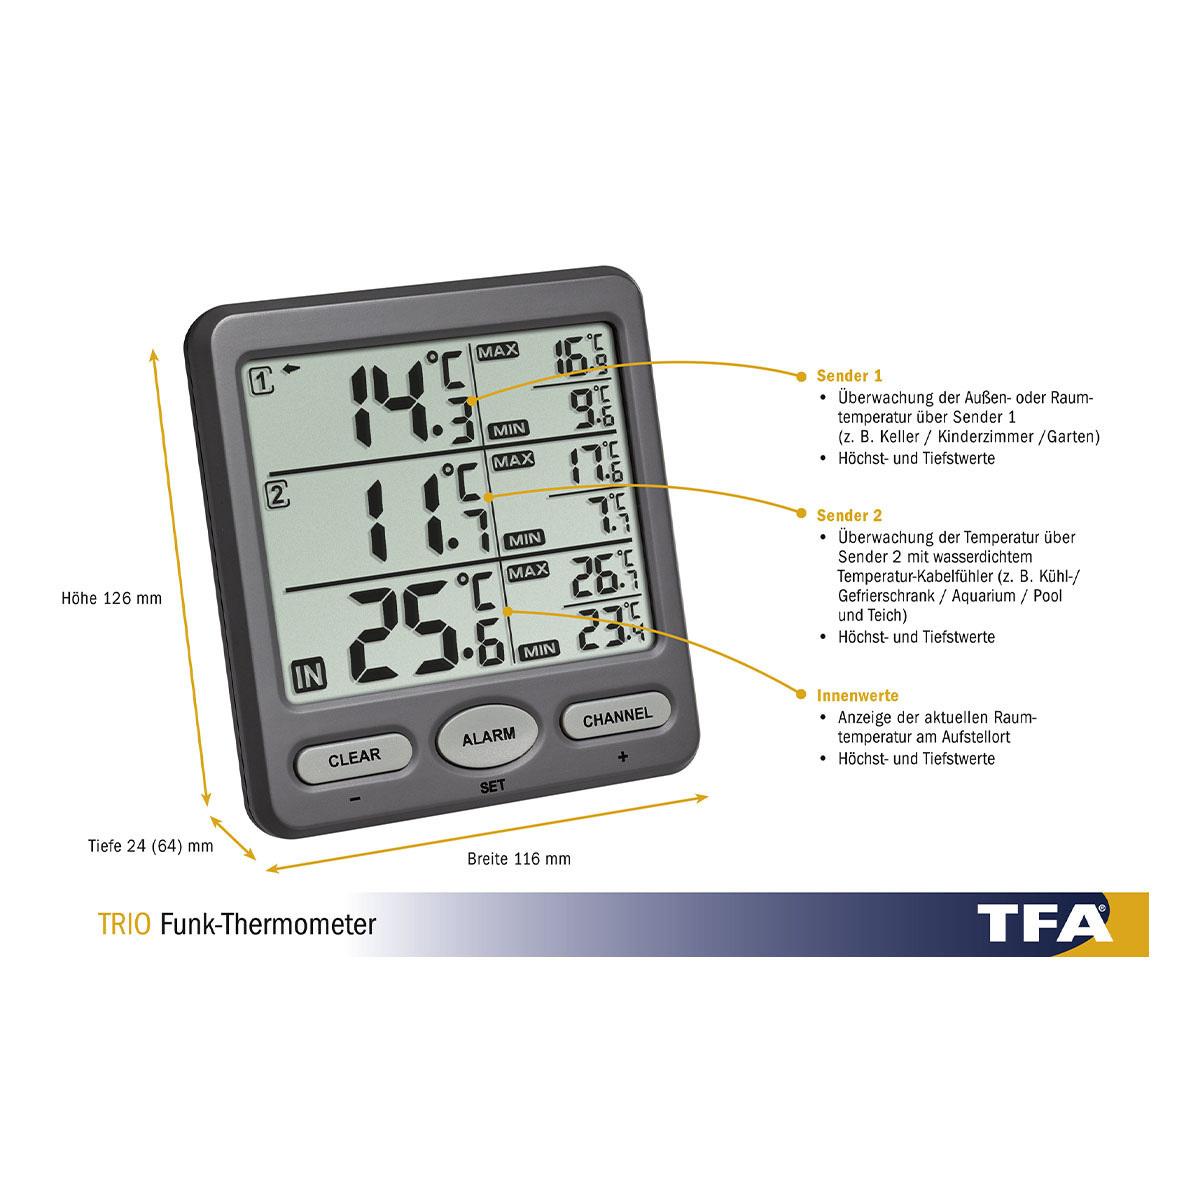 30-3062-10-funk-thermometer-mit-2-sendern-trio-abmessungen-1200x1200px.jpg